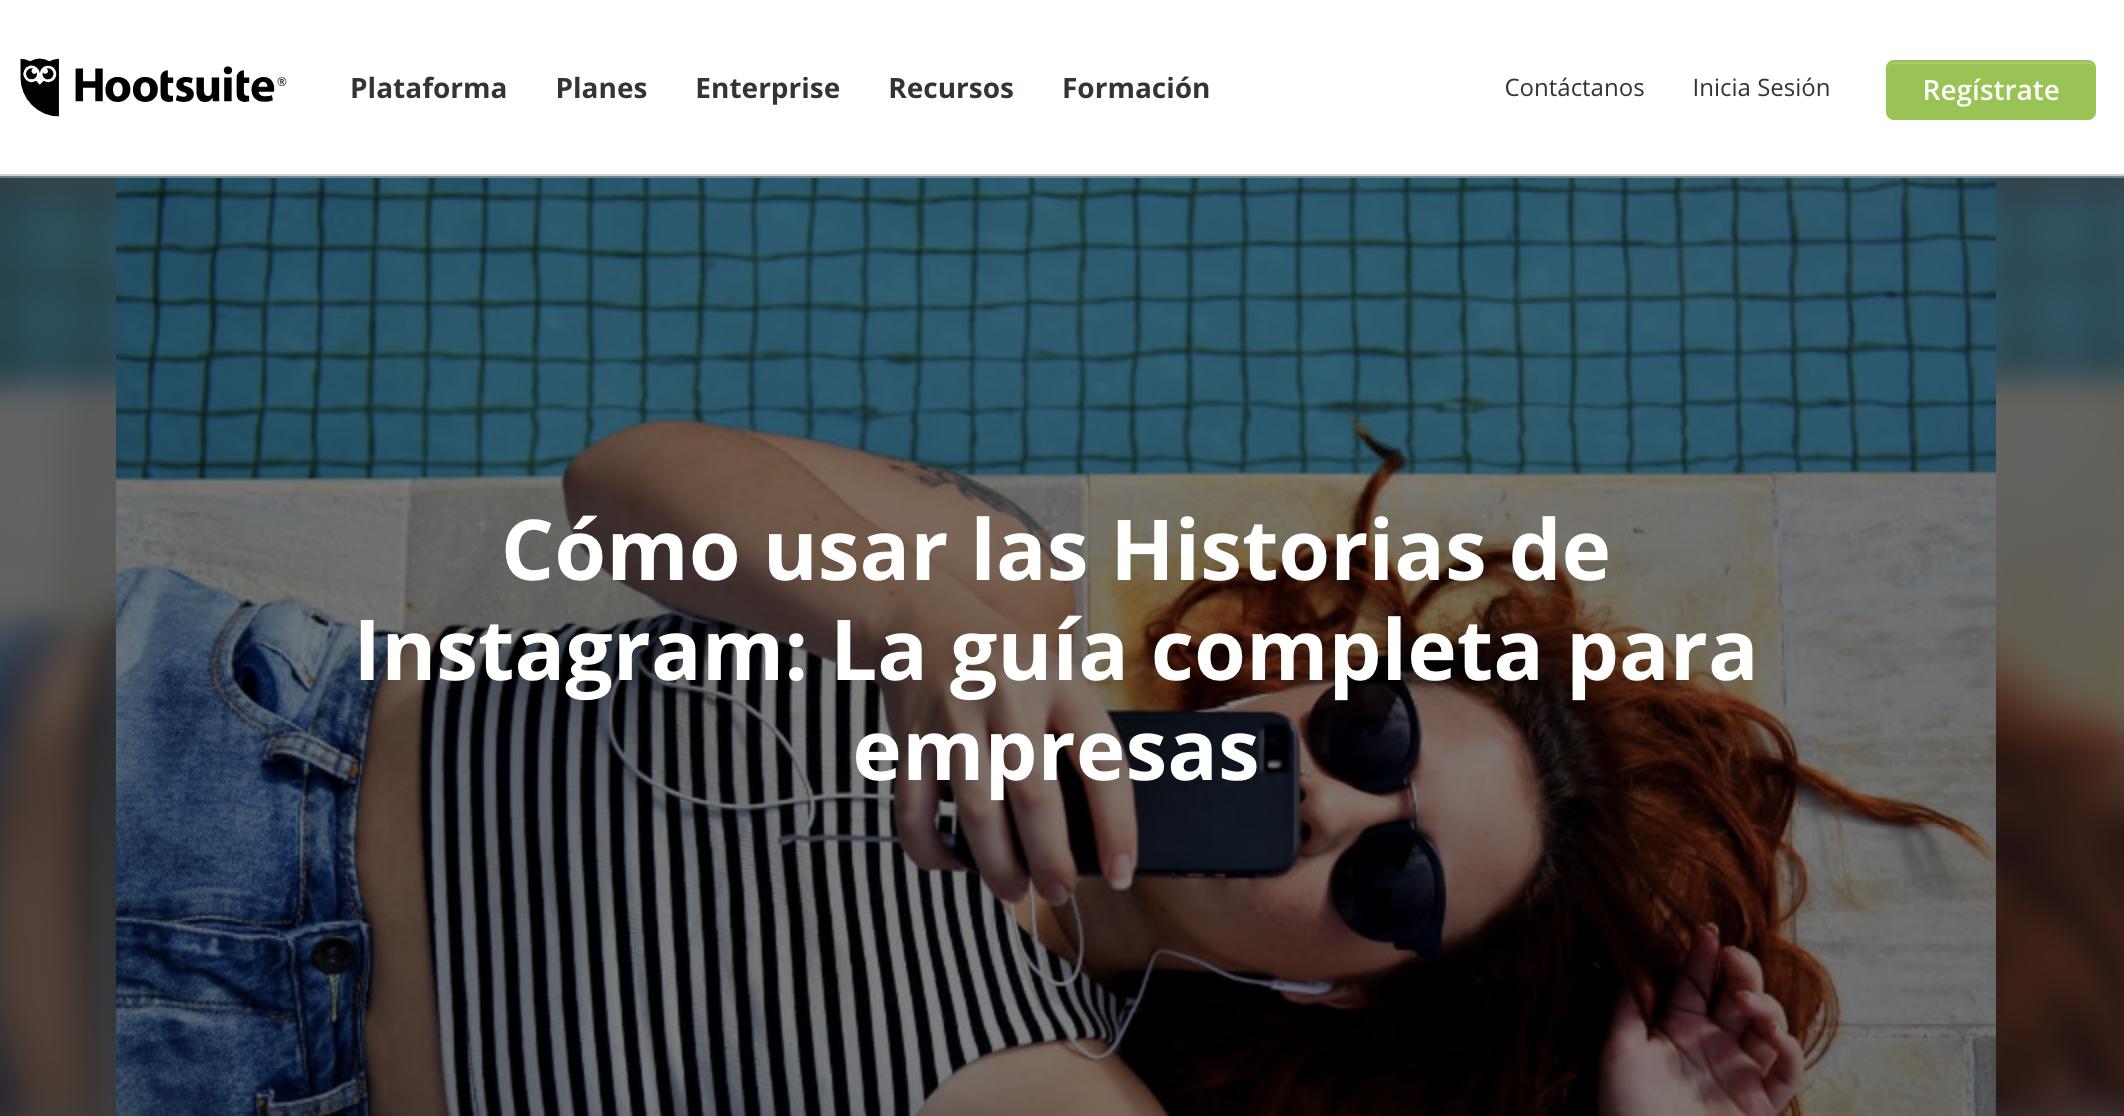 Ejemplo de contenido de valor - Via Hootsuite en Espanñol